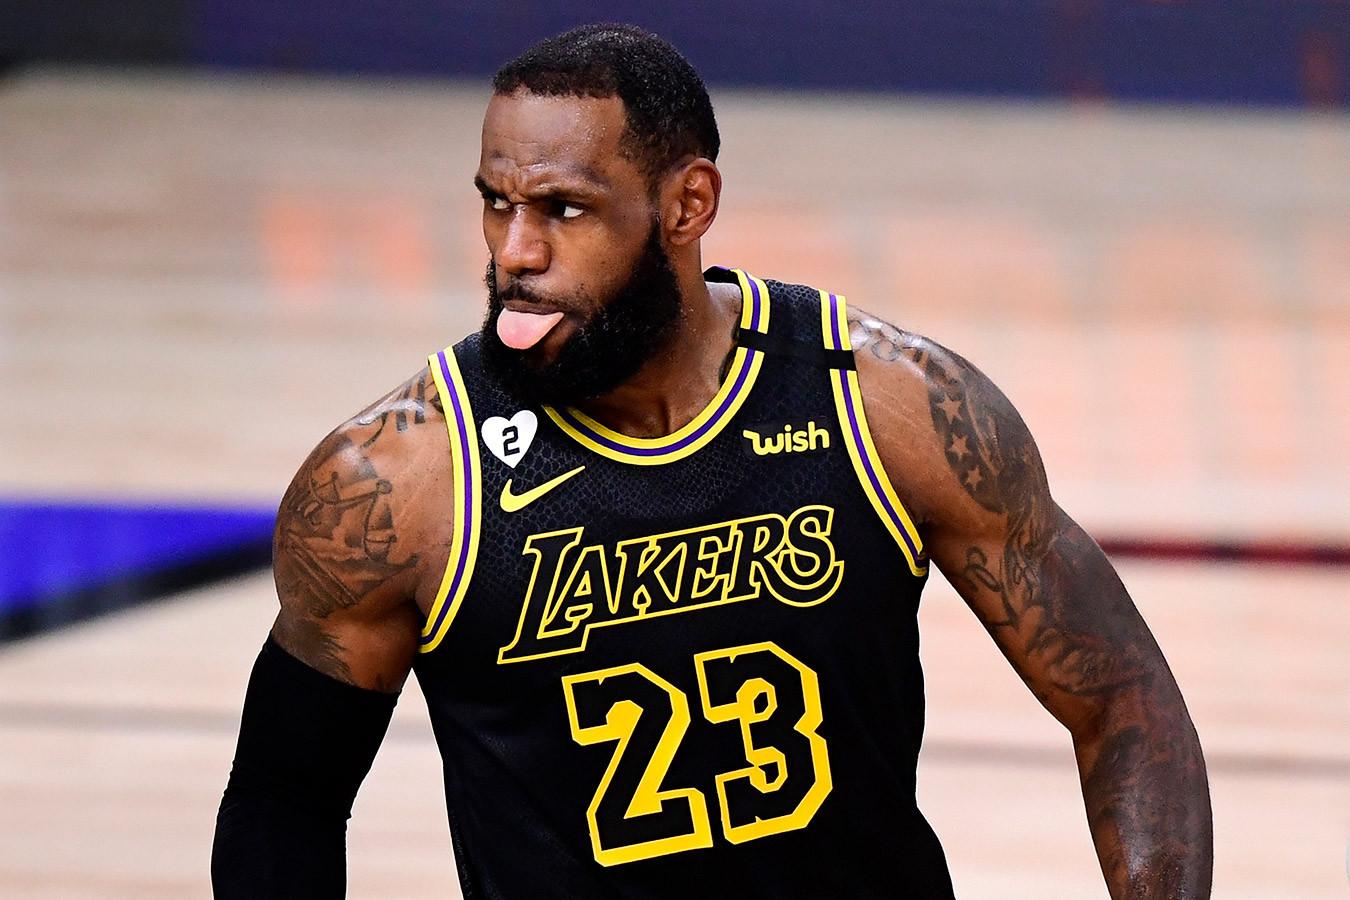 К Леброну едет топ-снайпер, «Майами» сорит деньгами. Мощный старт трансферного рынка НБА